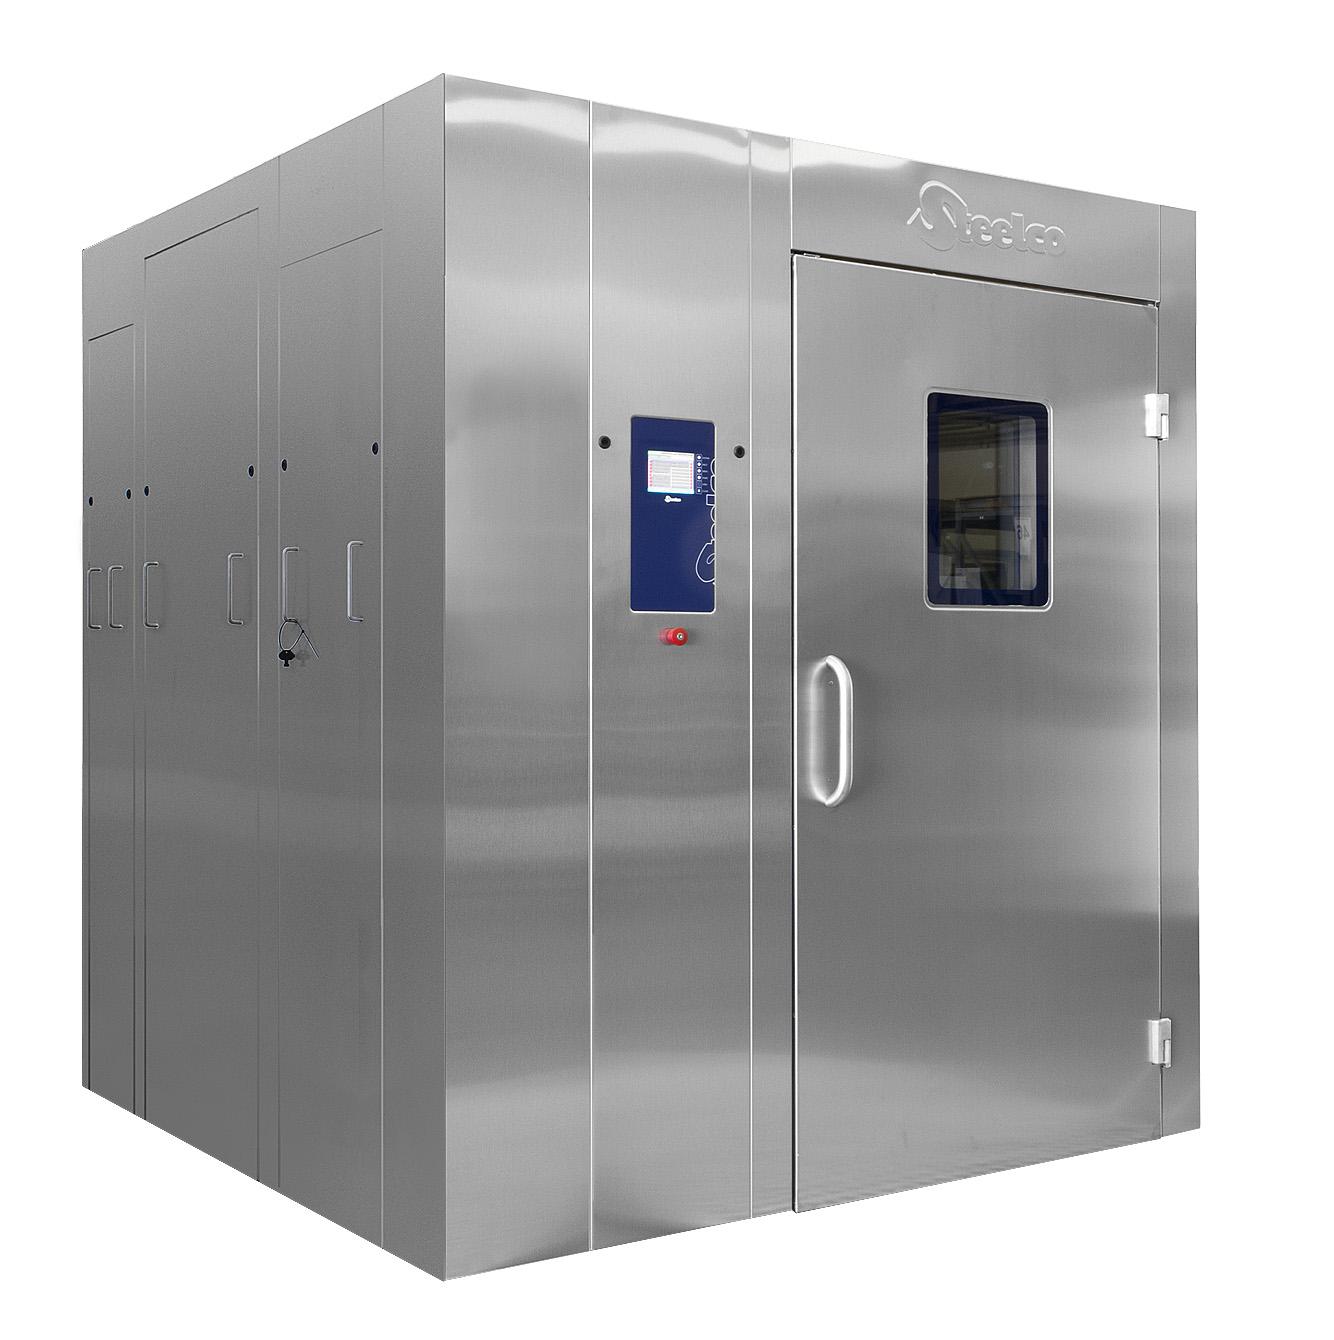 Steelco AC 7000 NHP